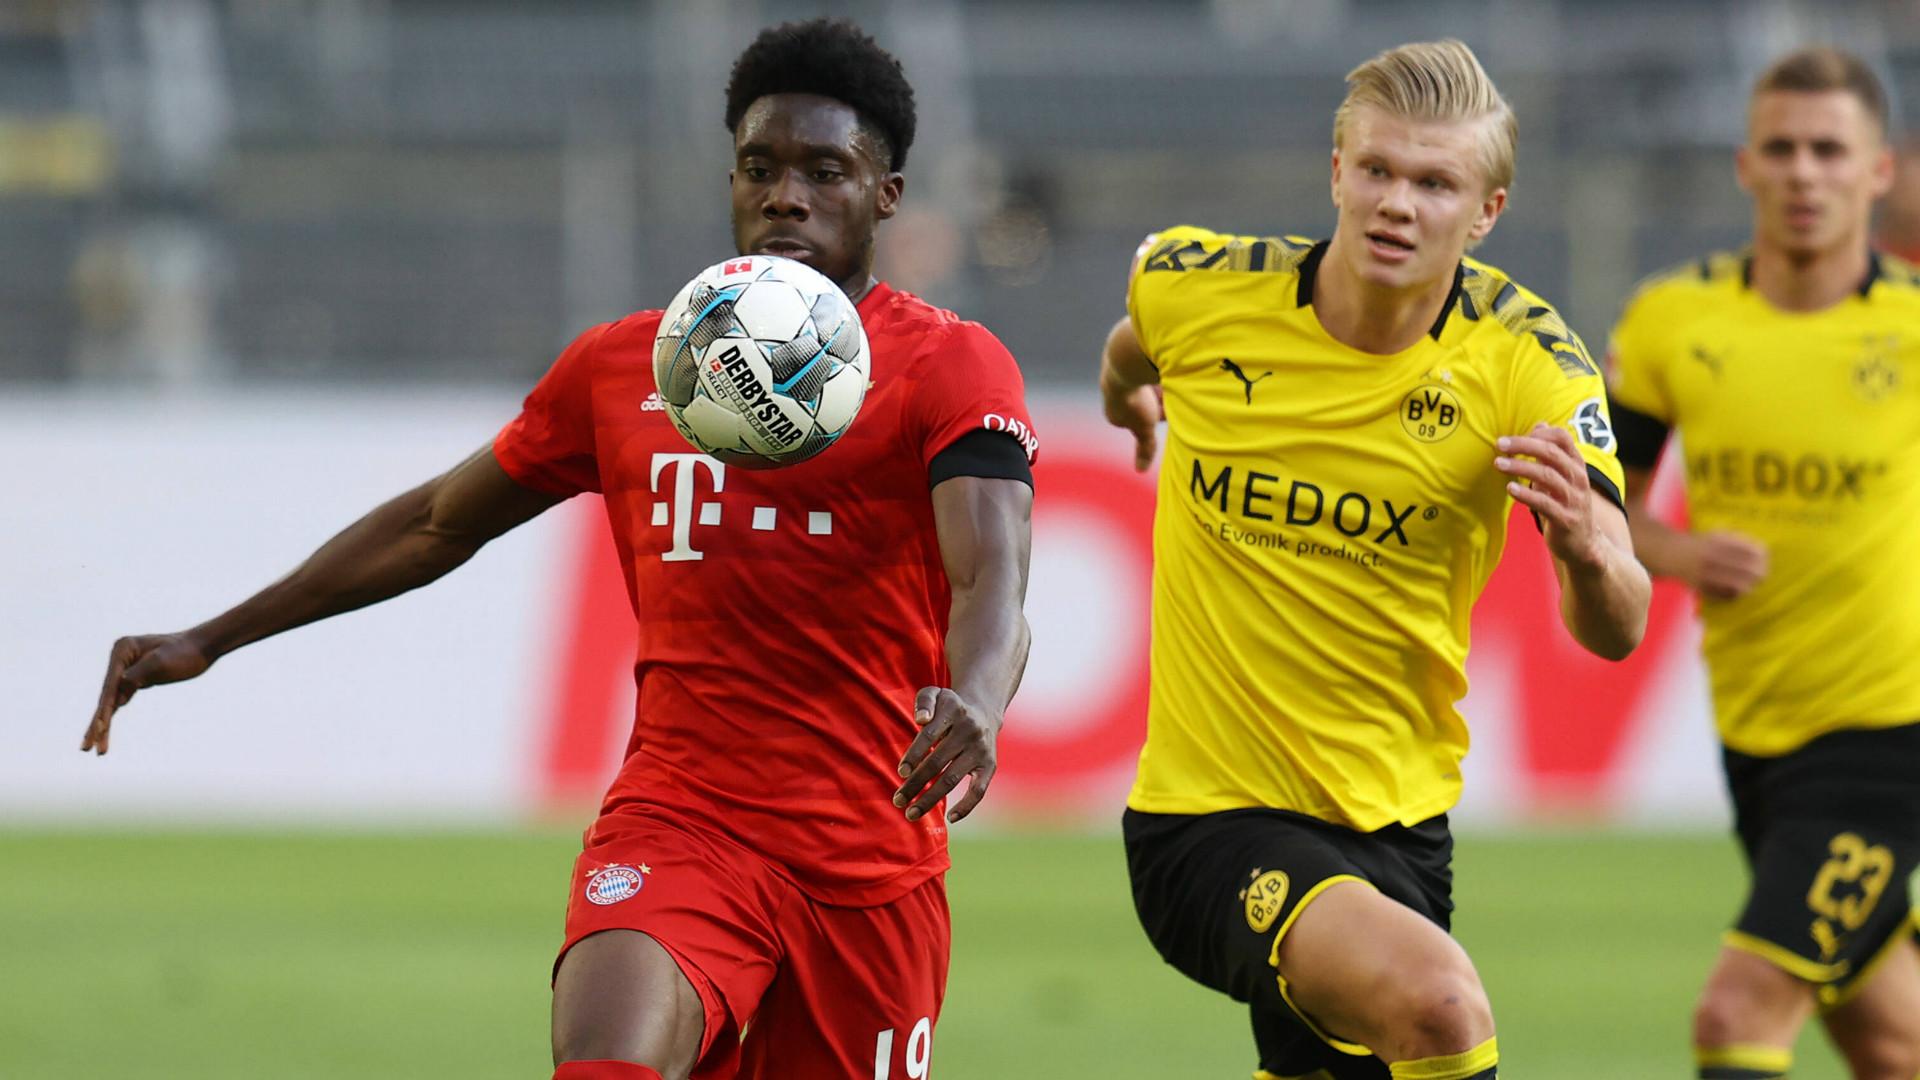 Lesión de Haaland en el Borussia Dortmund vs. Bayern Múnich: Qué tipo de lesión es y cuánto estará de baja | Goal.com